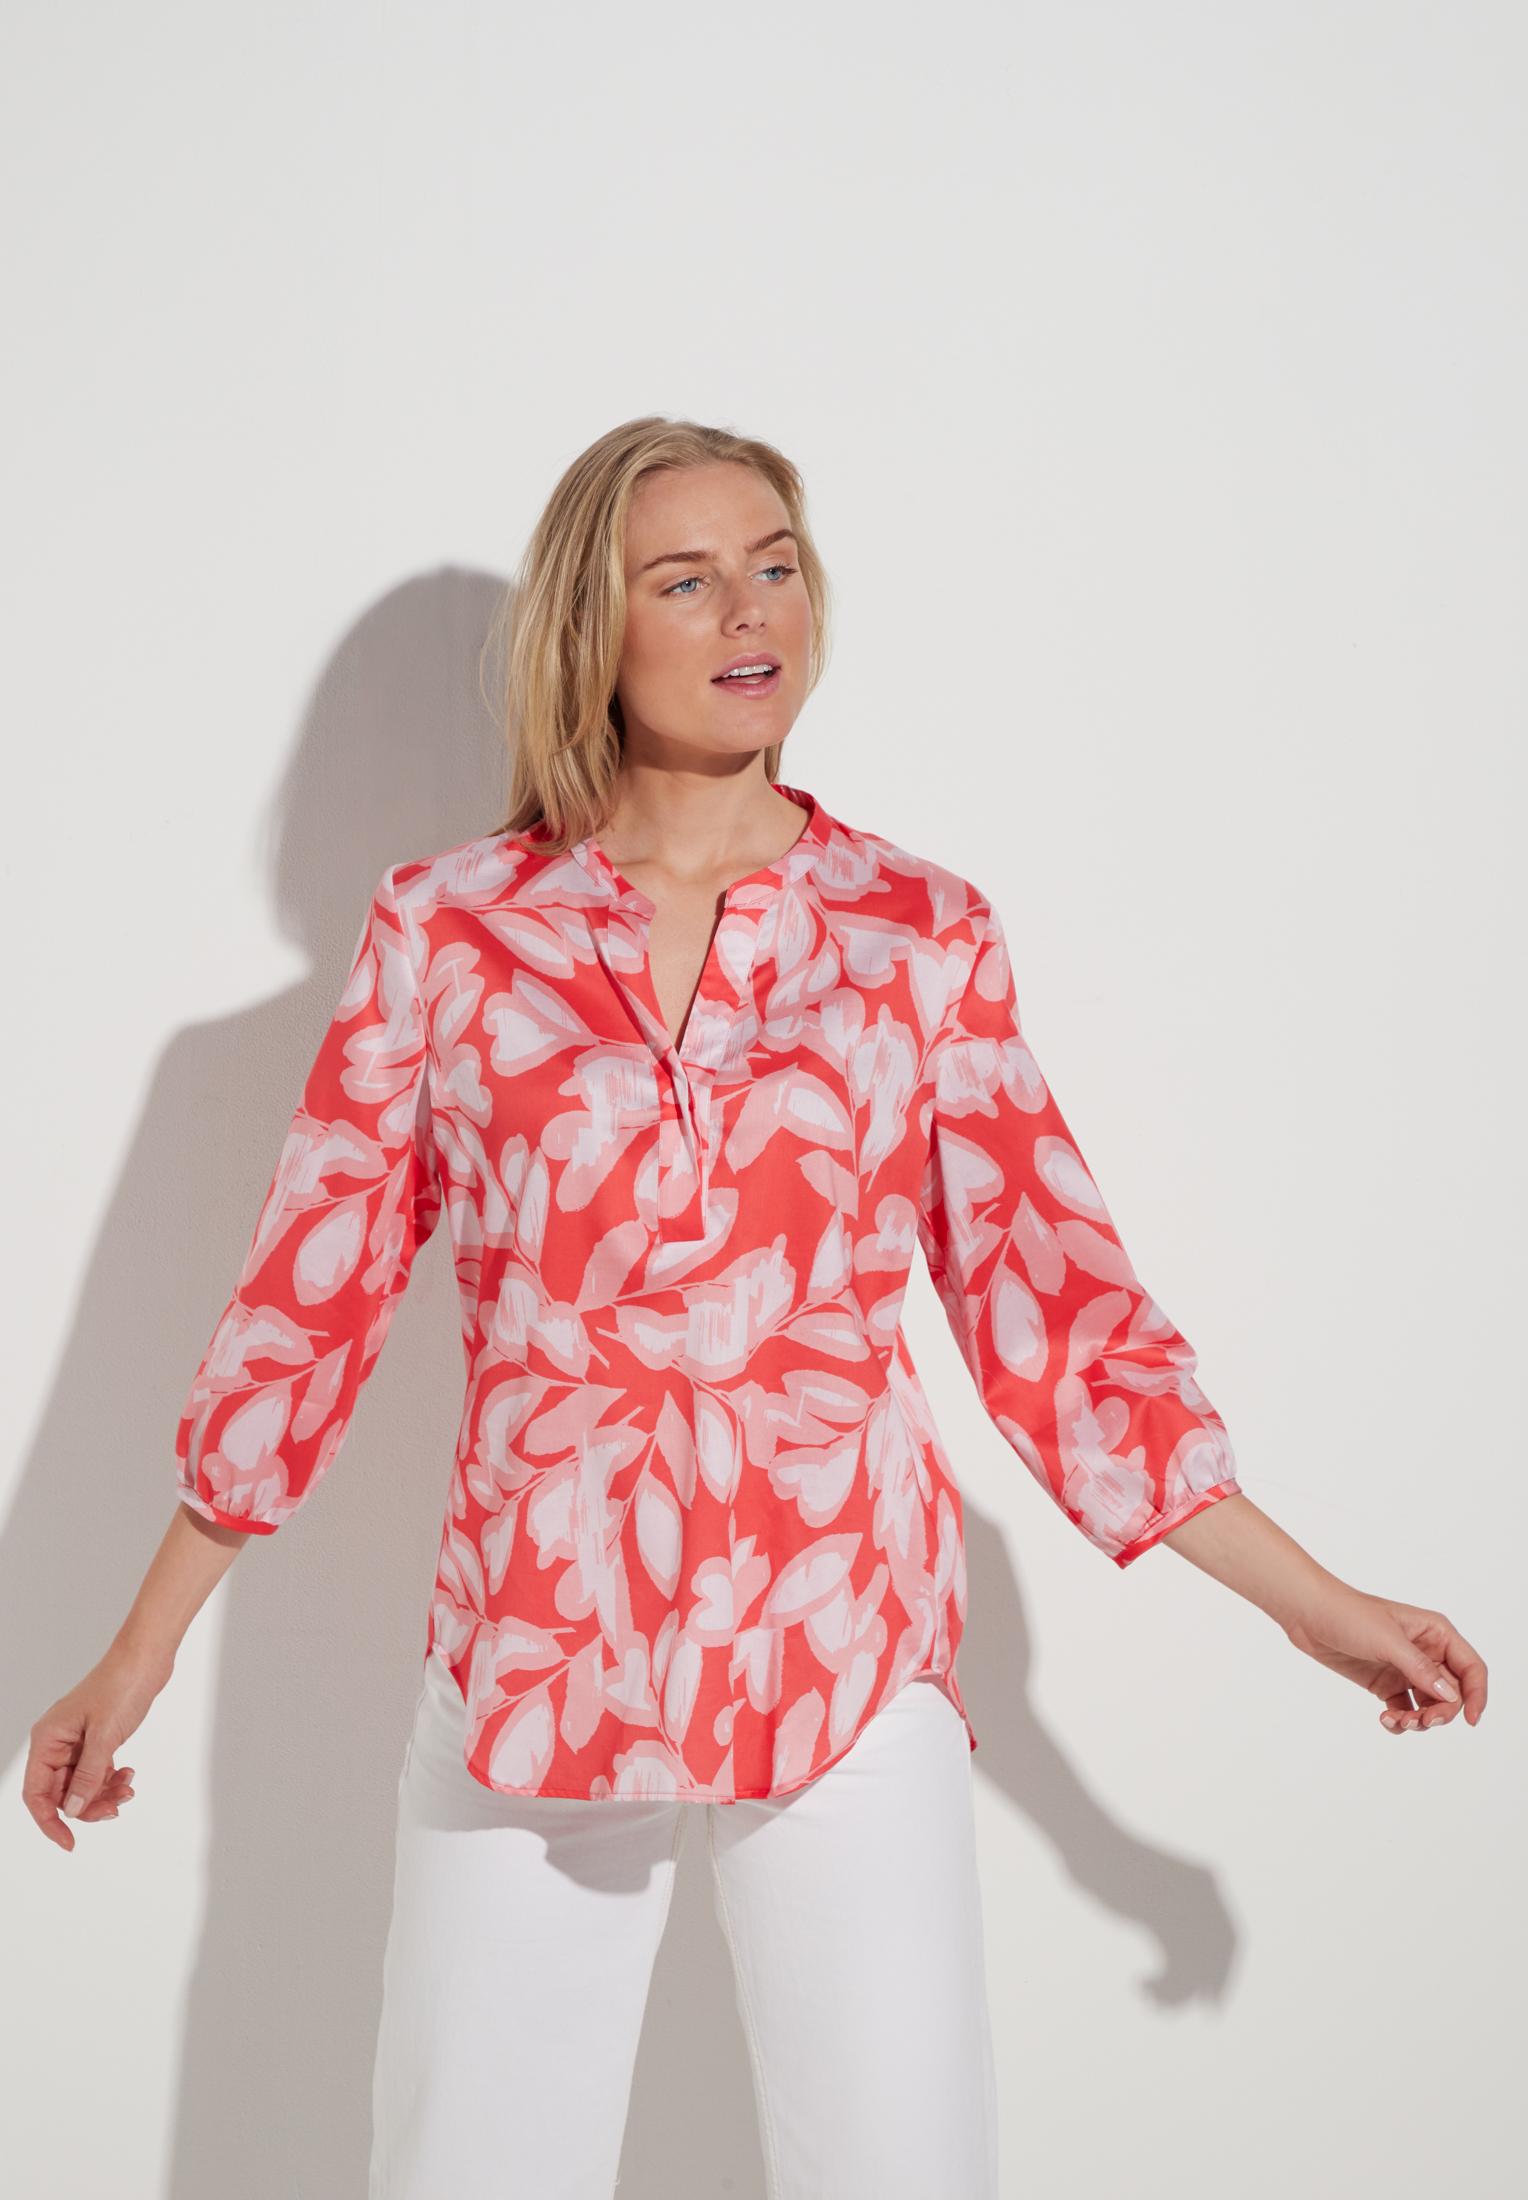 ETERNA 7087 Bluse Baumwolle pink/rose